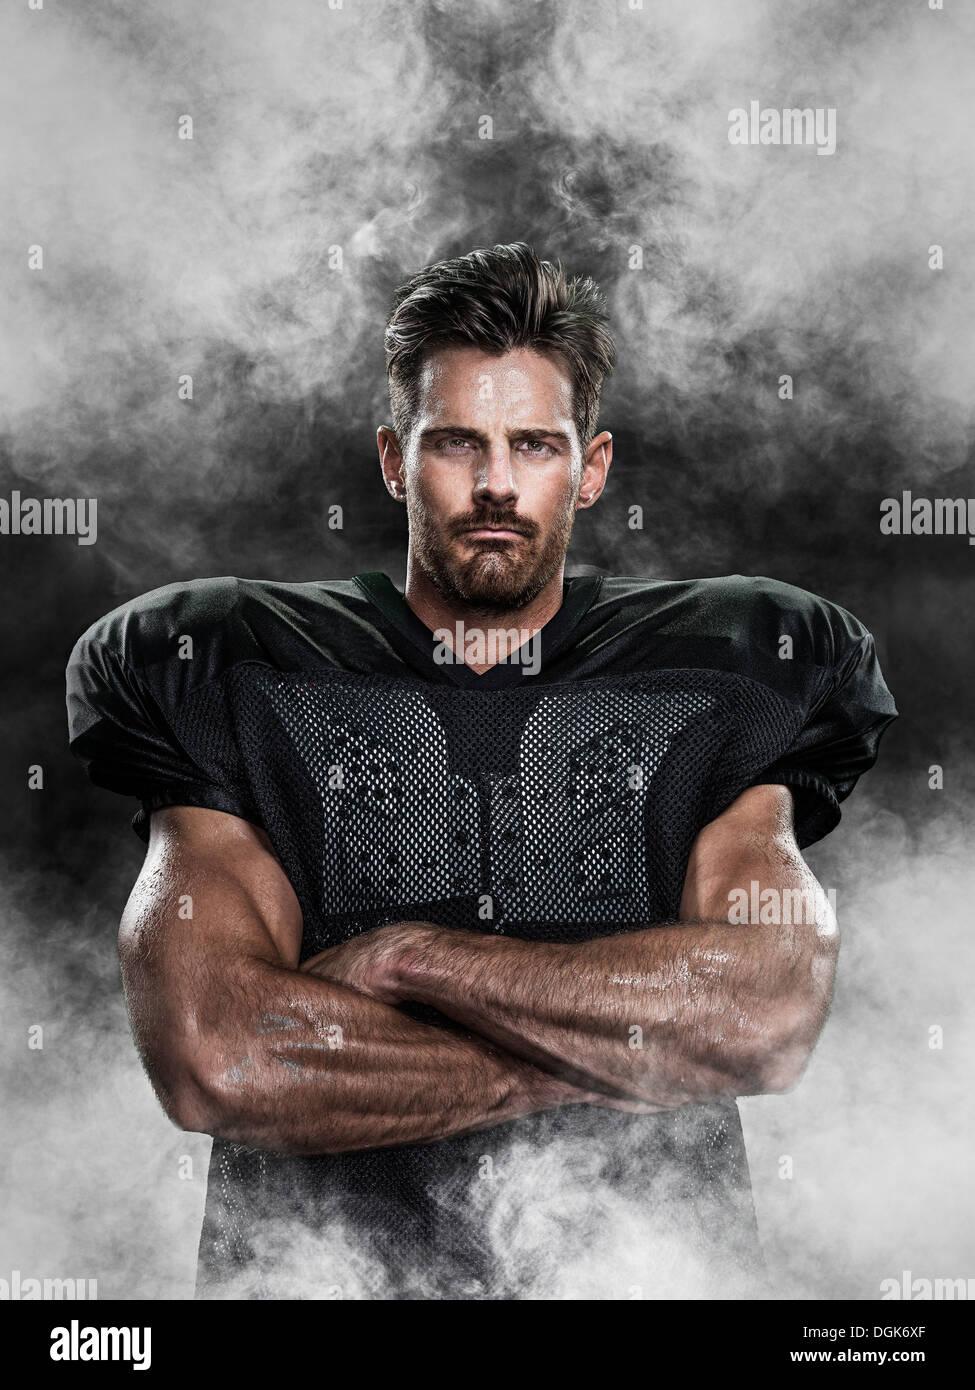 Retrato de un jugador de fútbol americano rodeado por la niebla Imagen De Stock